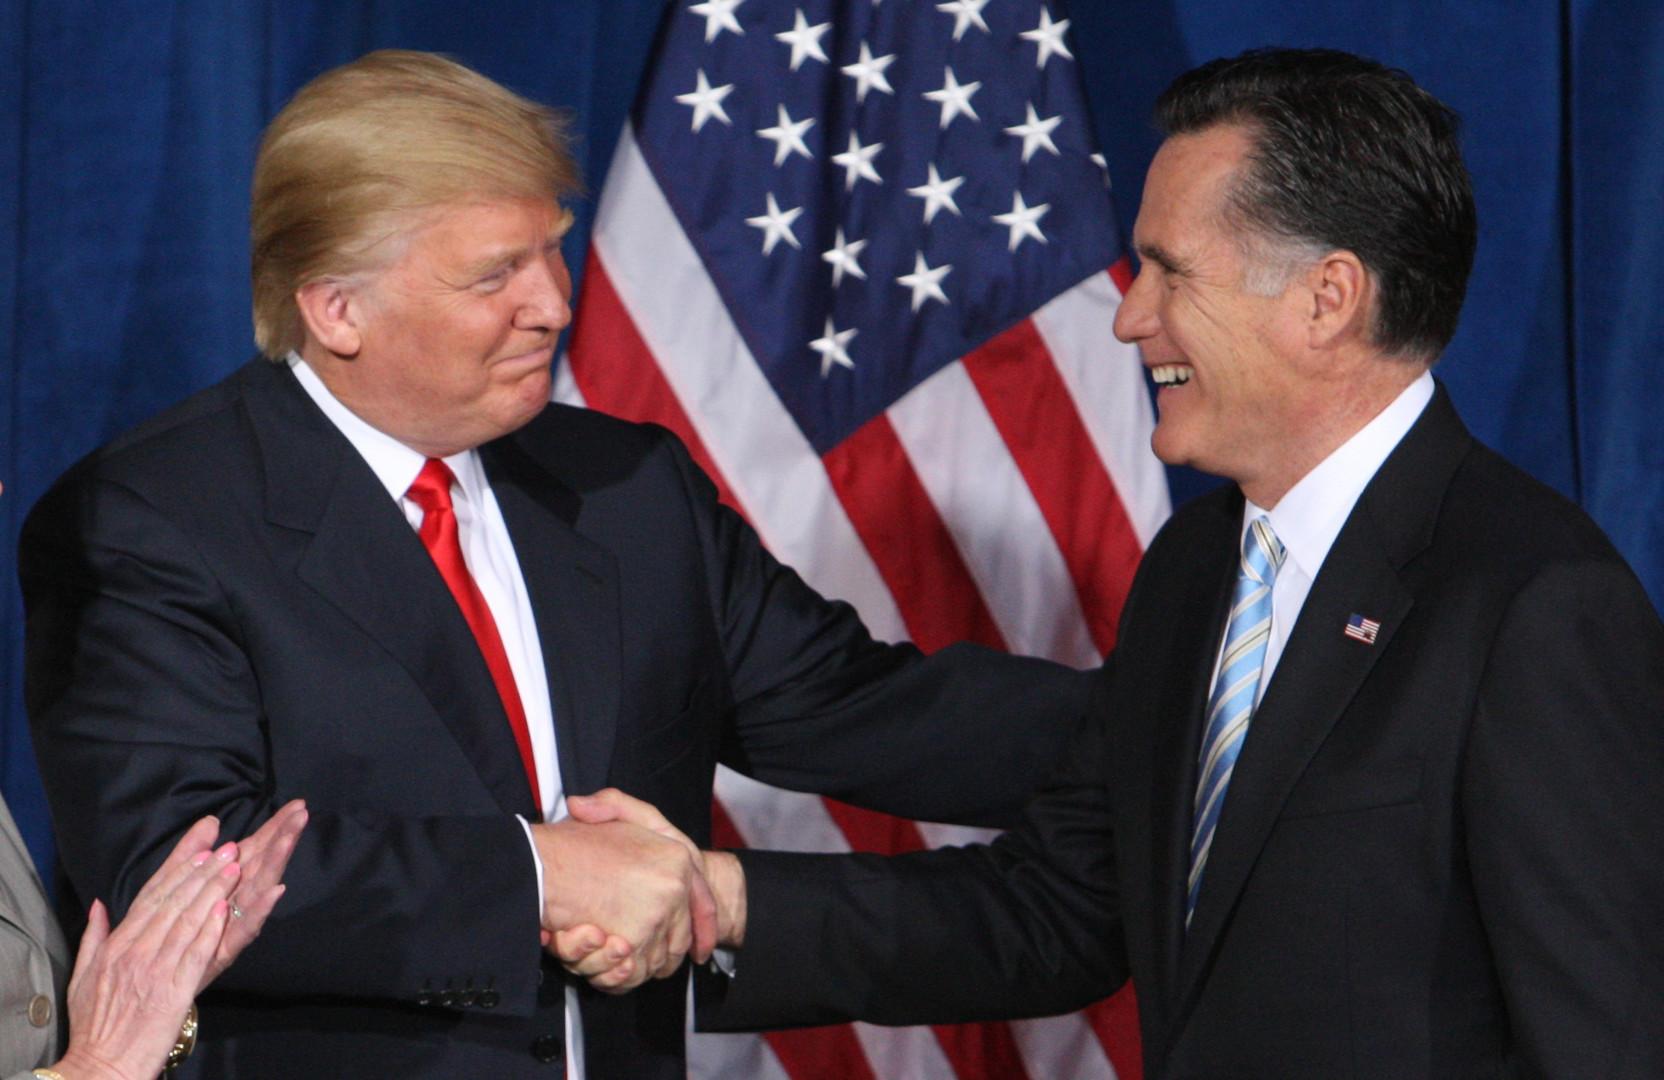 Donald Trump et Mitt Romney en 2012.